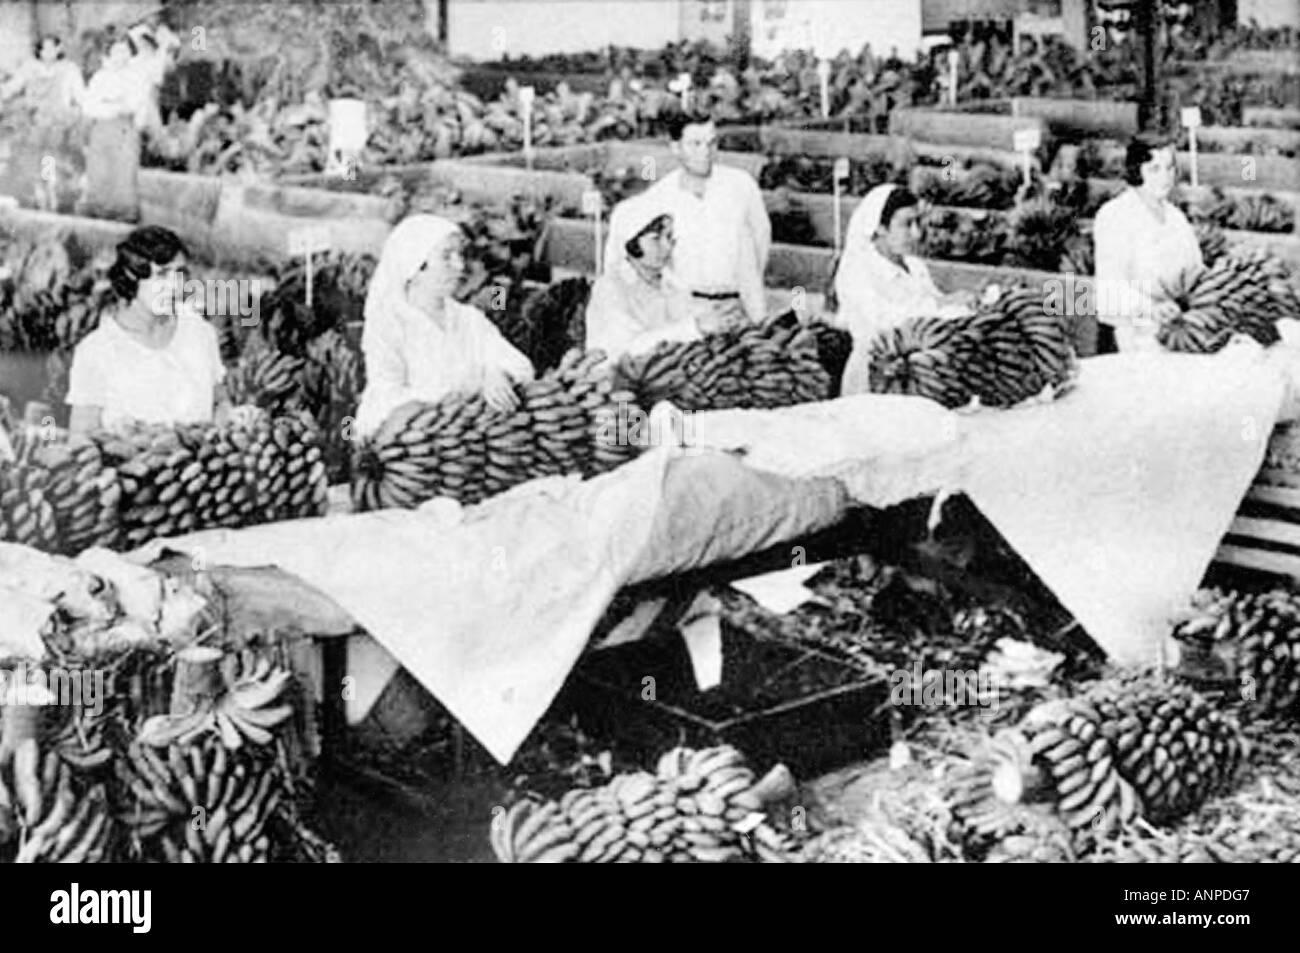 Archive fotografía de una mujer prepara los bananos para exportación. El molino de gofio museo etnográfico en Hermigua, La Gomera. Imagen De Stock